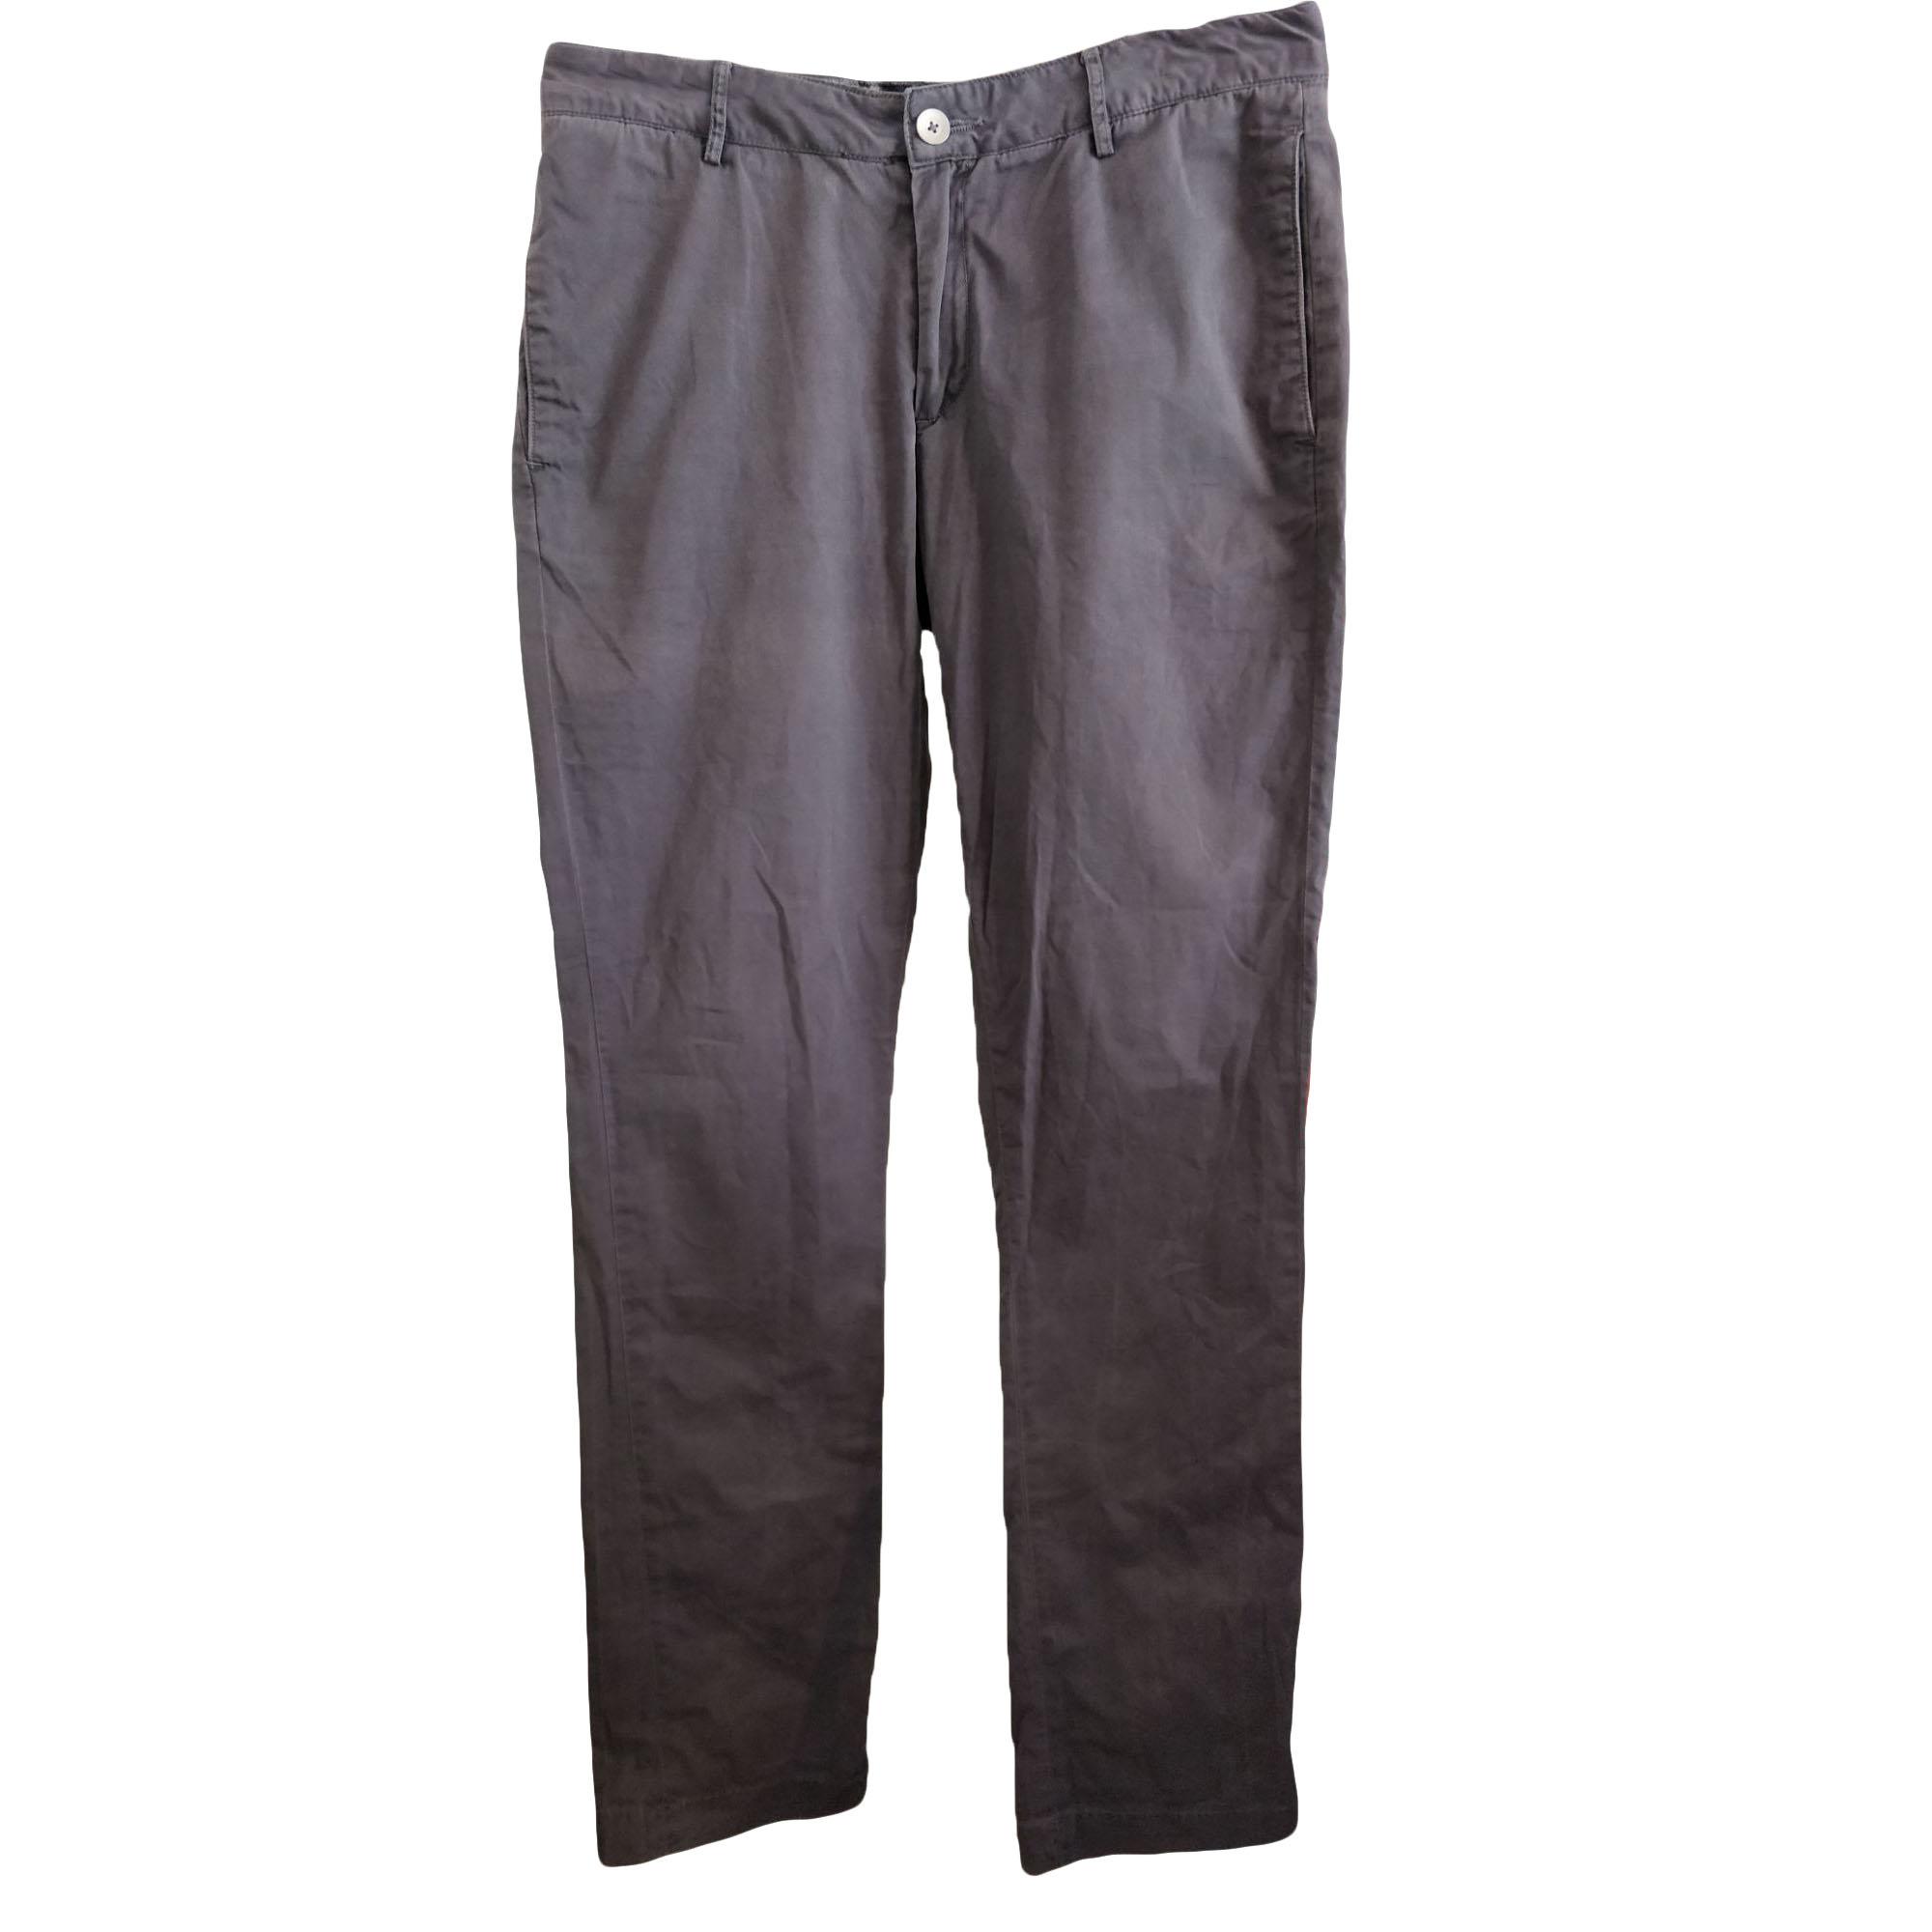 Pantalon droit ACNE Gris, anthracite